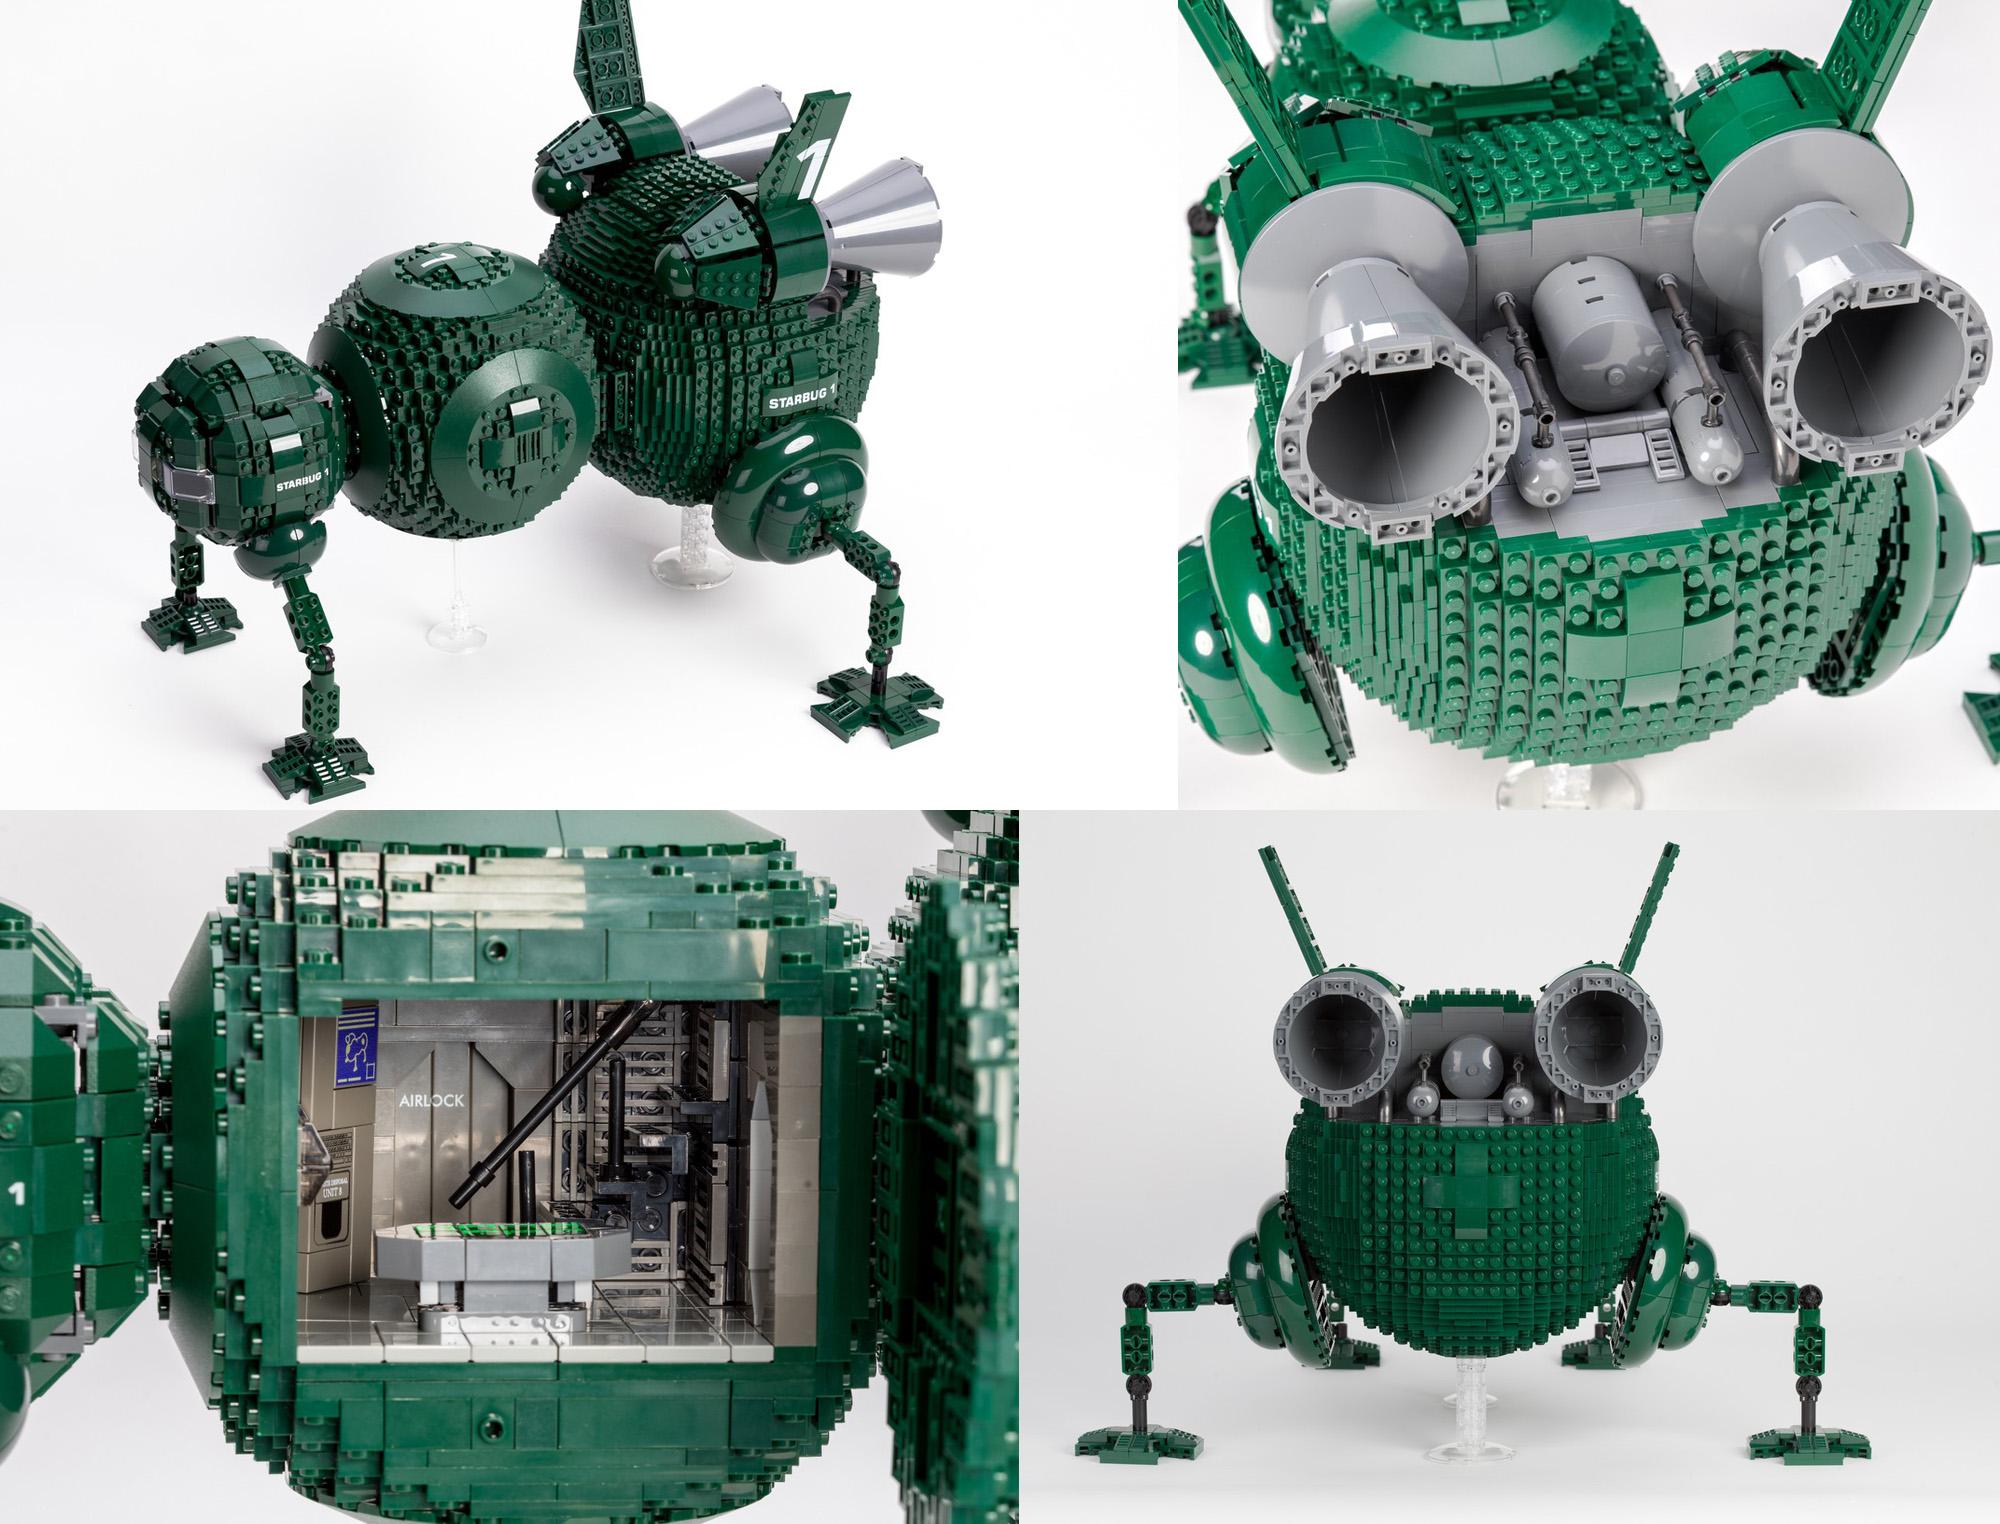 宇宙船レッド・ドワーフ号のスターバグ:Red Dwarf Starbug